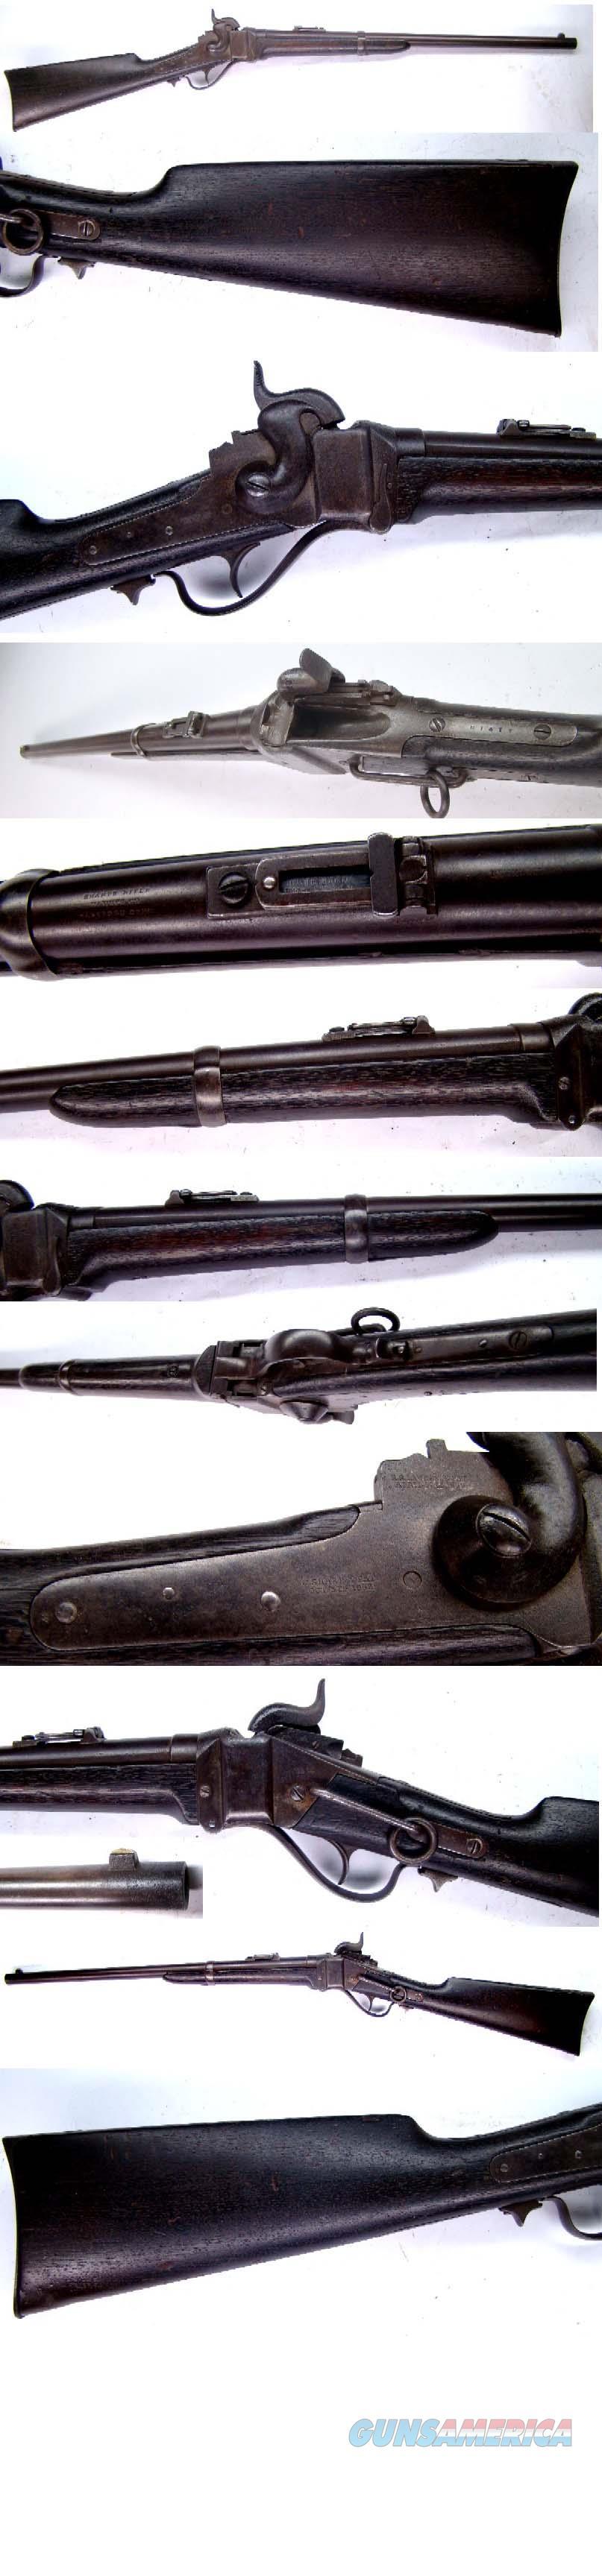 Sharps Percussion Civil War Carbine   Guns > Rifles > Sharps Rifles - Pre-1899